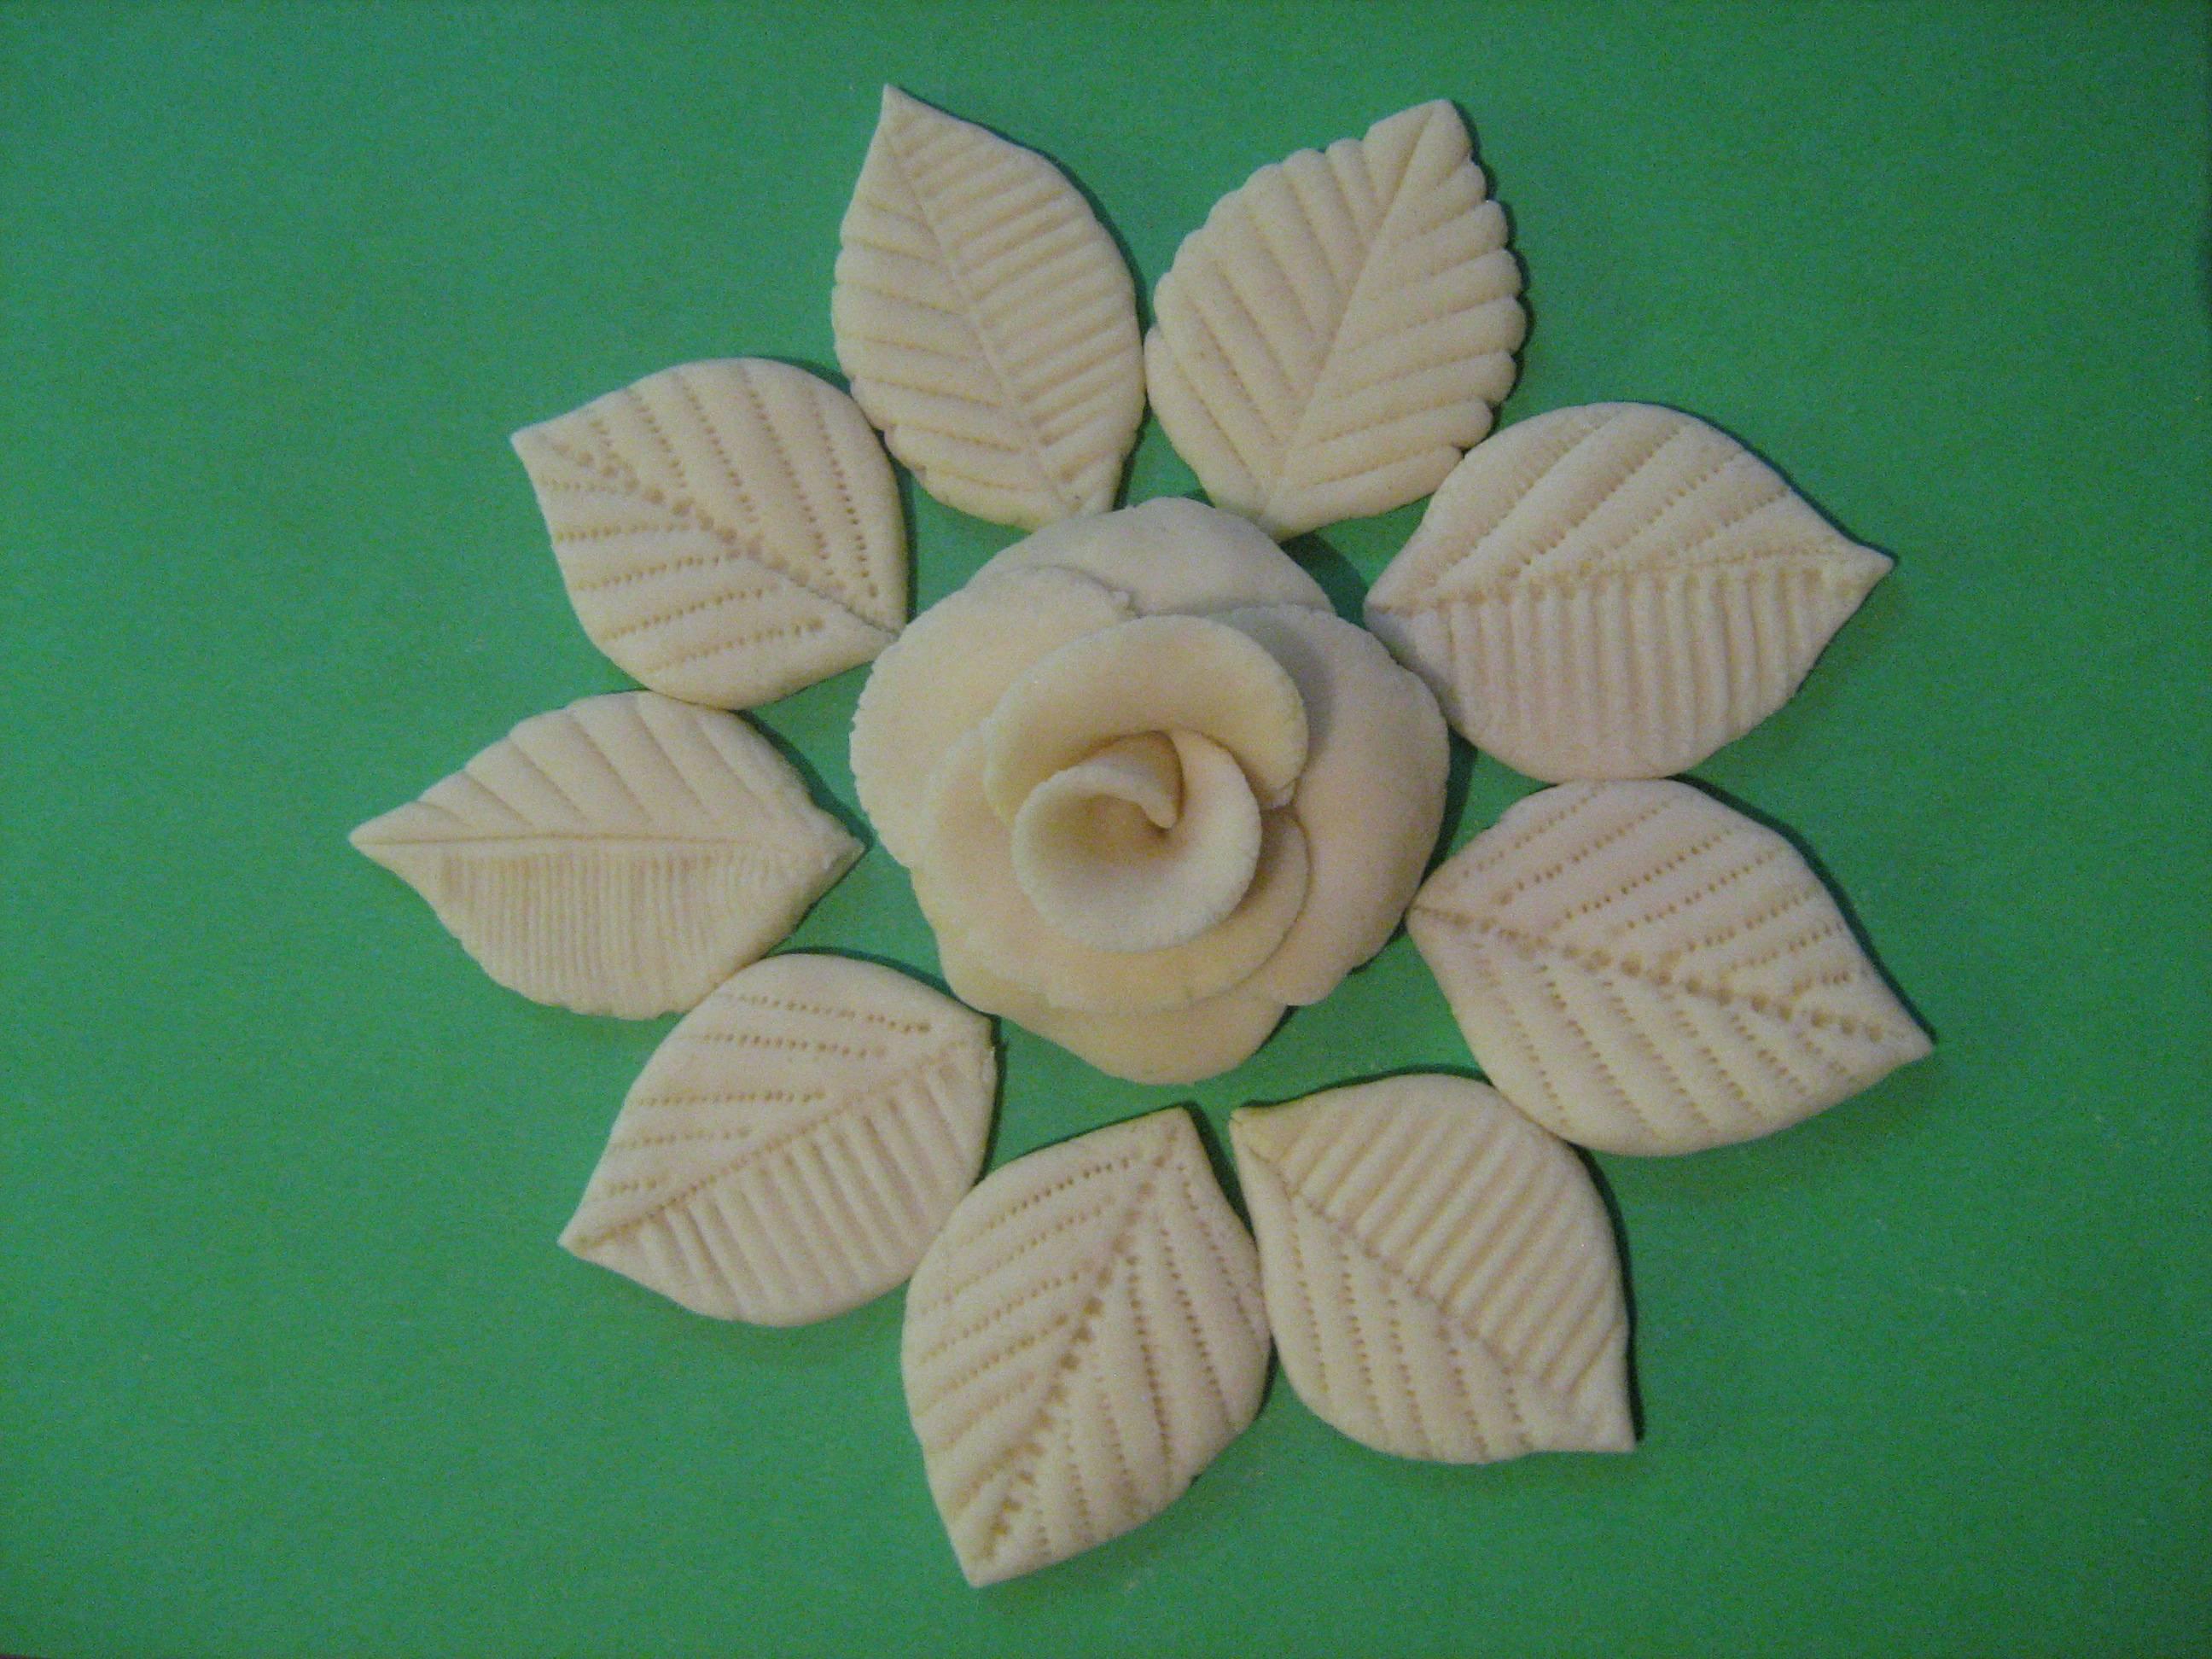 Цветы и листья из соленого теста мастер-класс - Колобок 94